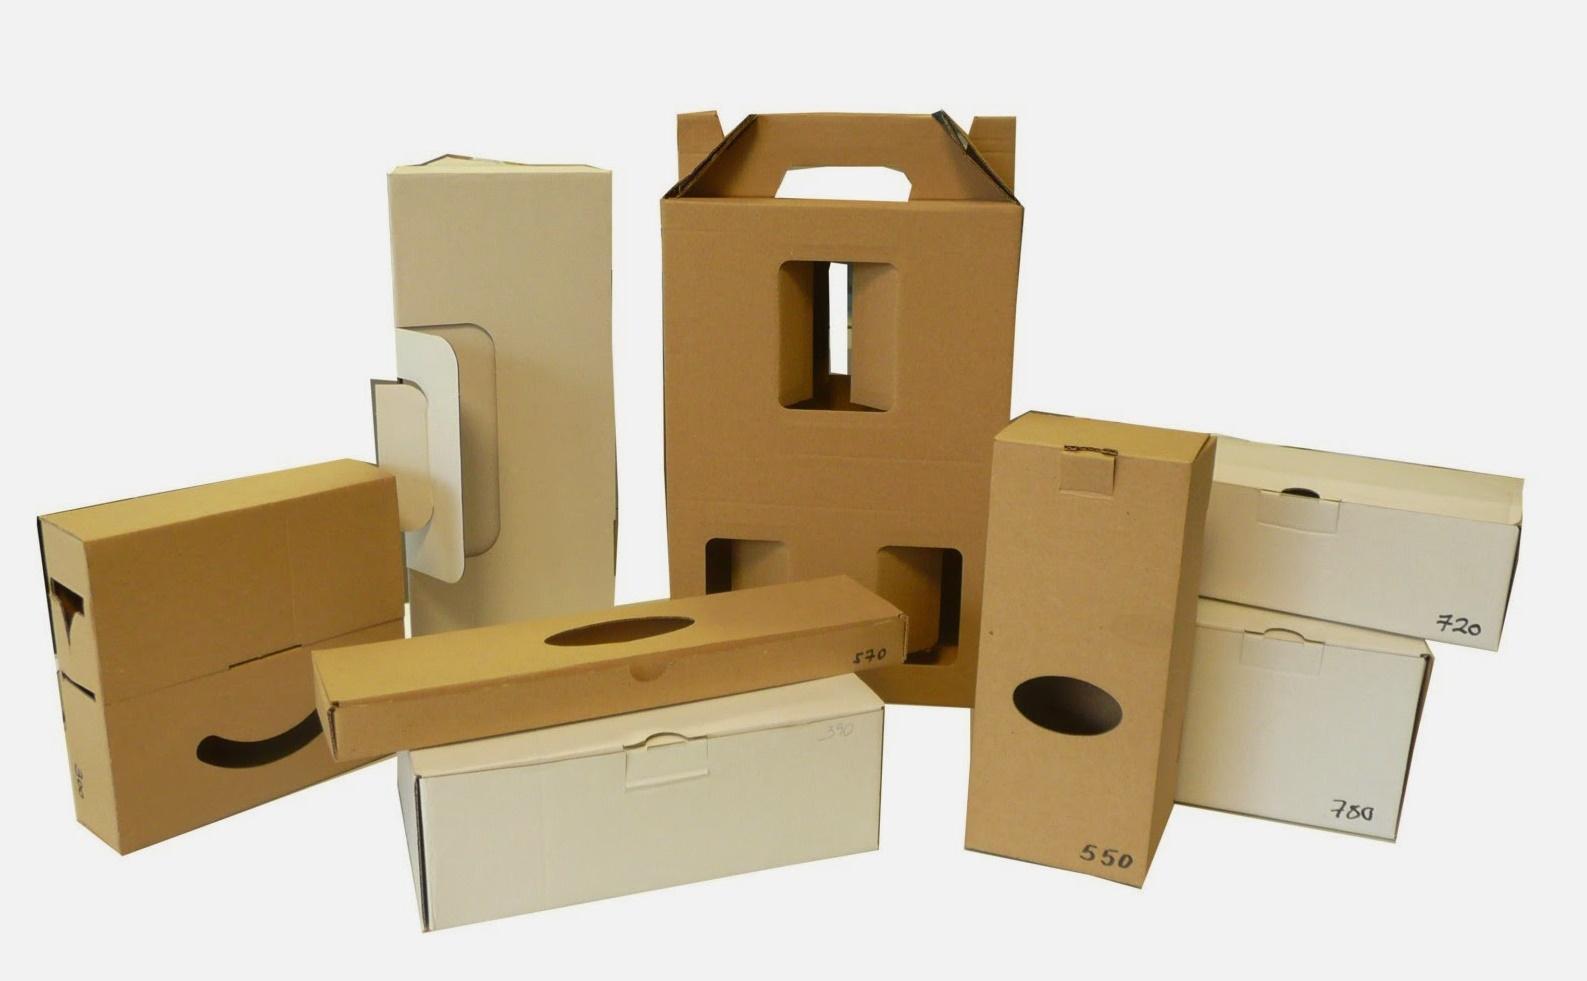 Existen diferentes modelos de caja, elige la que mejor se adapte a tu necesidad.